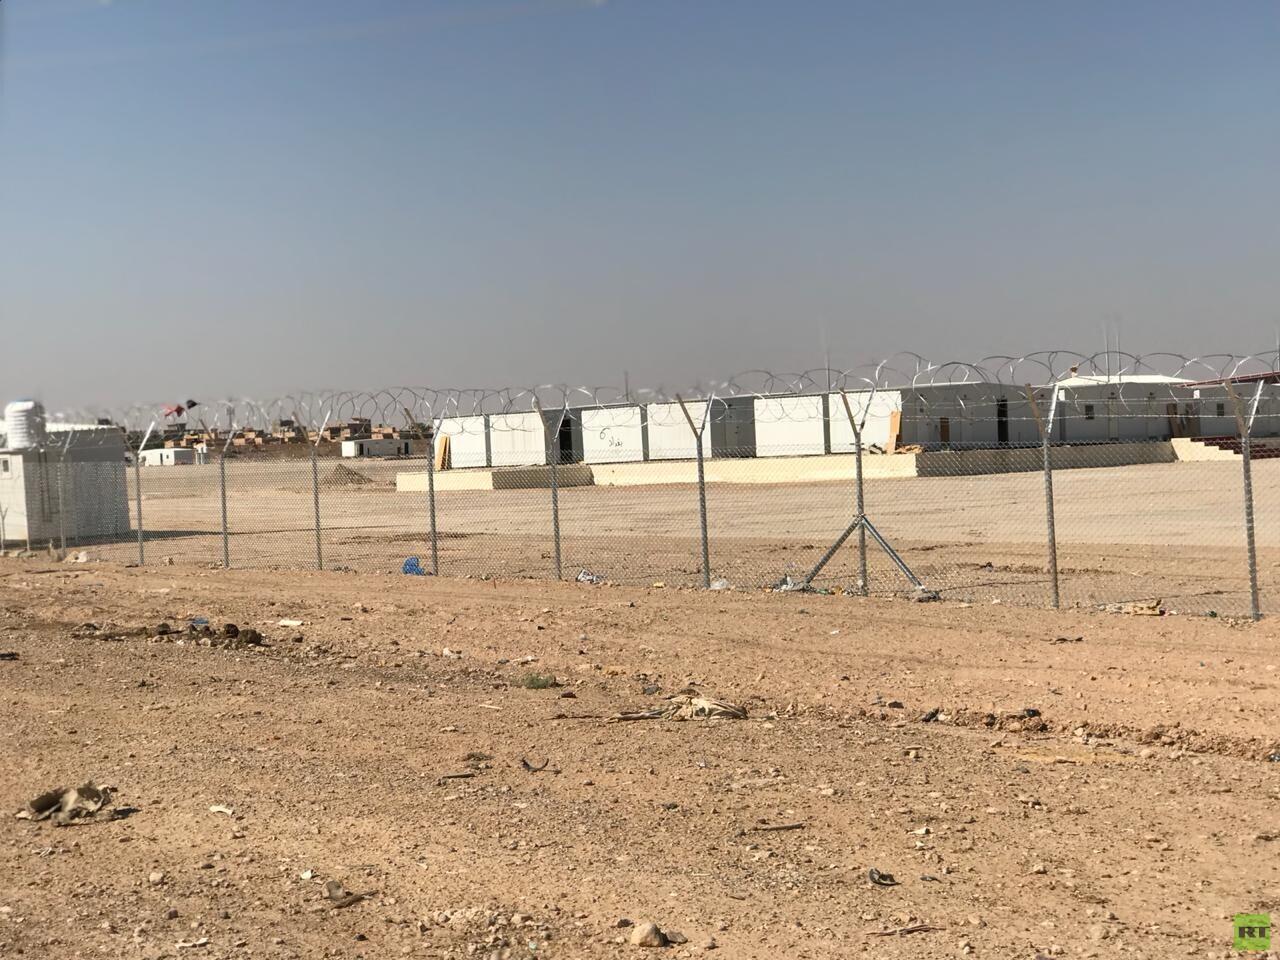 صور حصرية للمنطقة التجارية بين العراق وسوريا